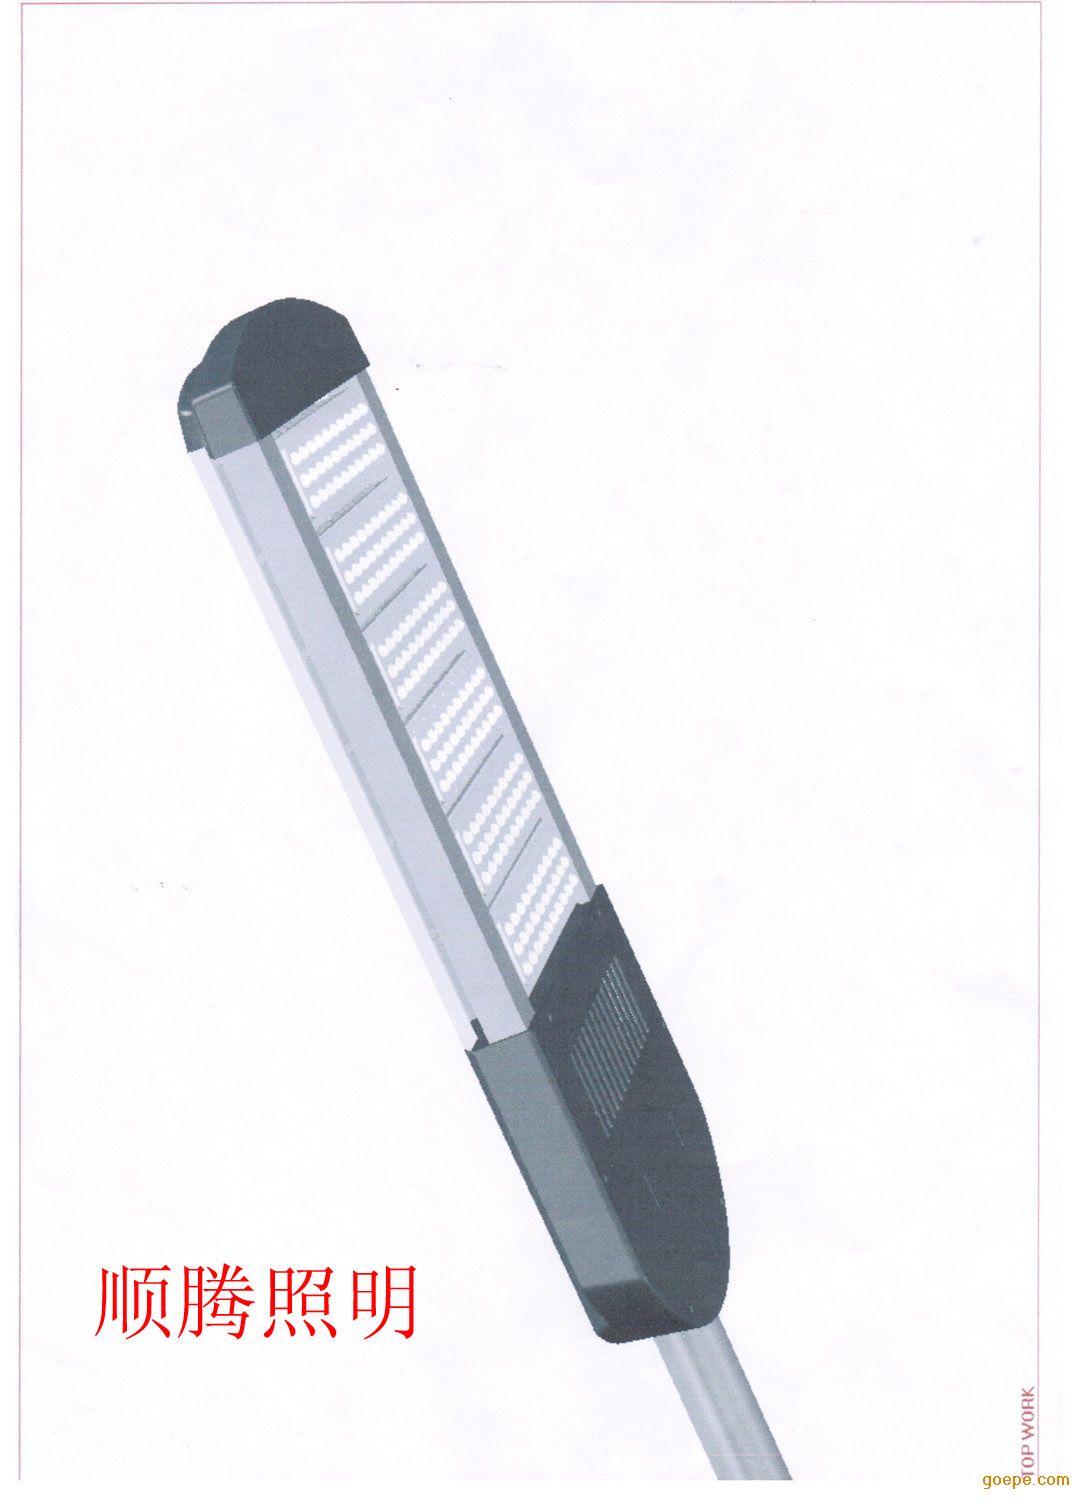 led路灯灯头;; 沧州太阳能路灯,河北太阳能路灯生产-企汇网; 企汇网